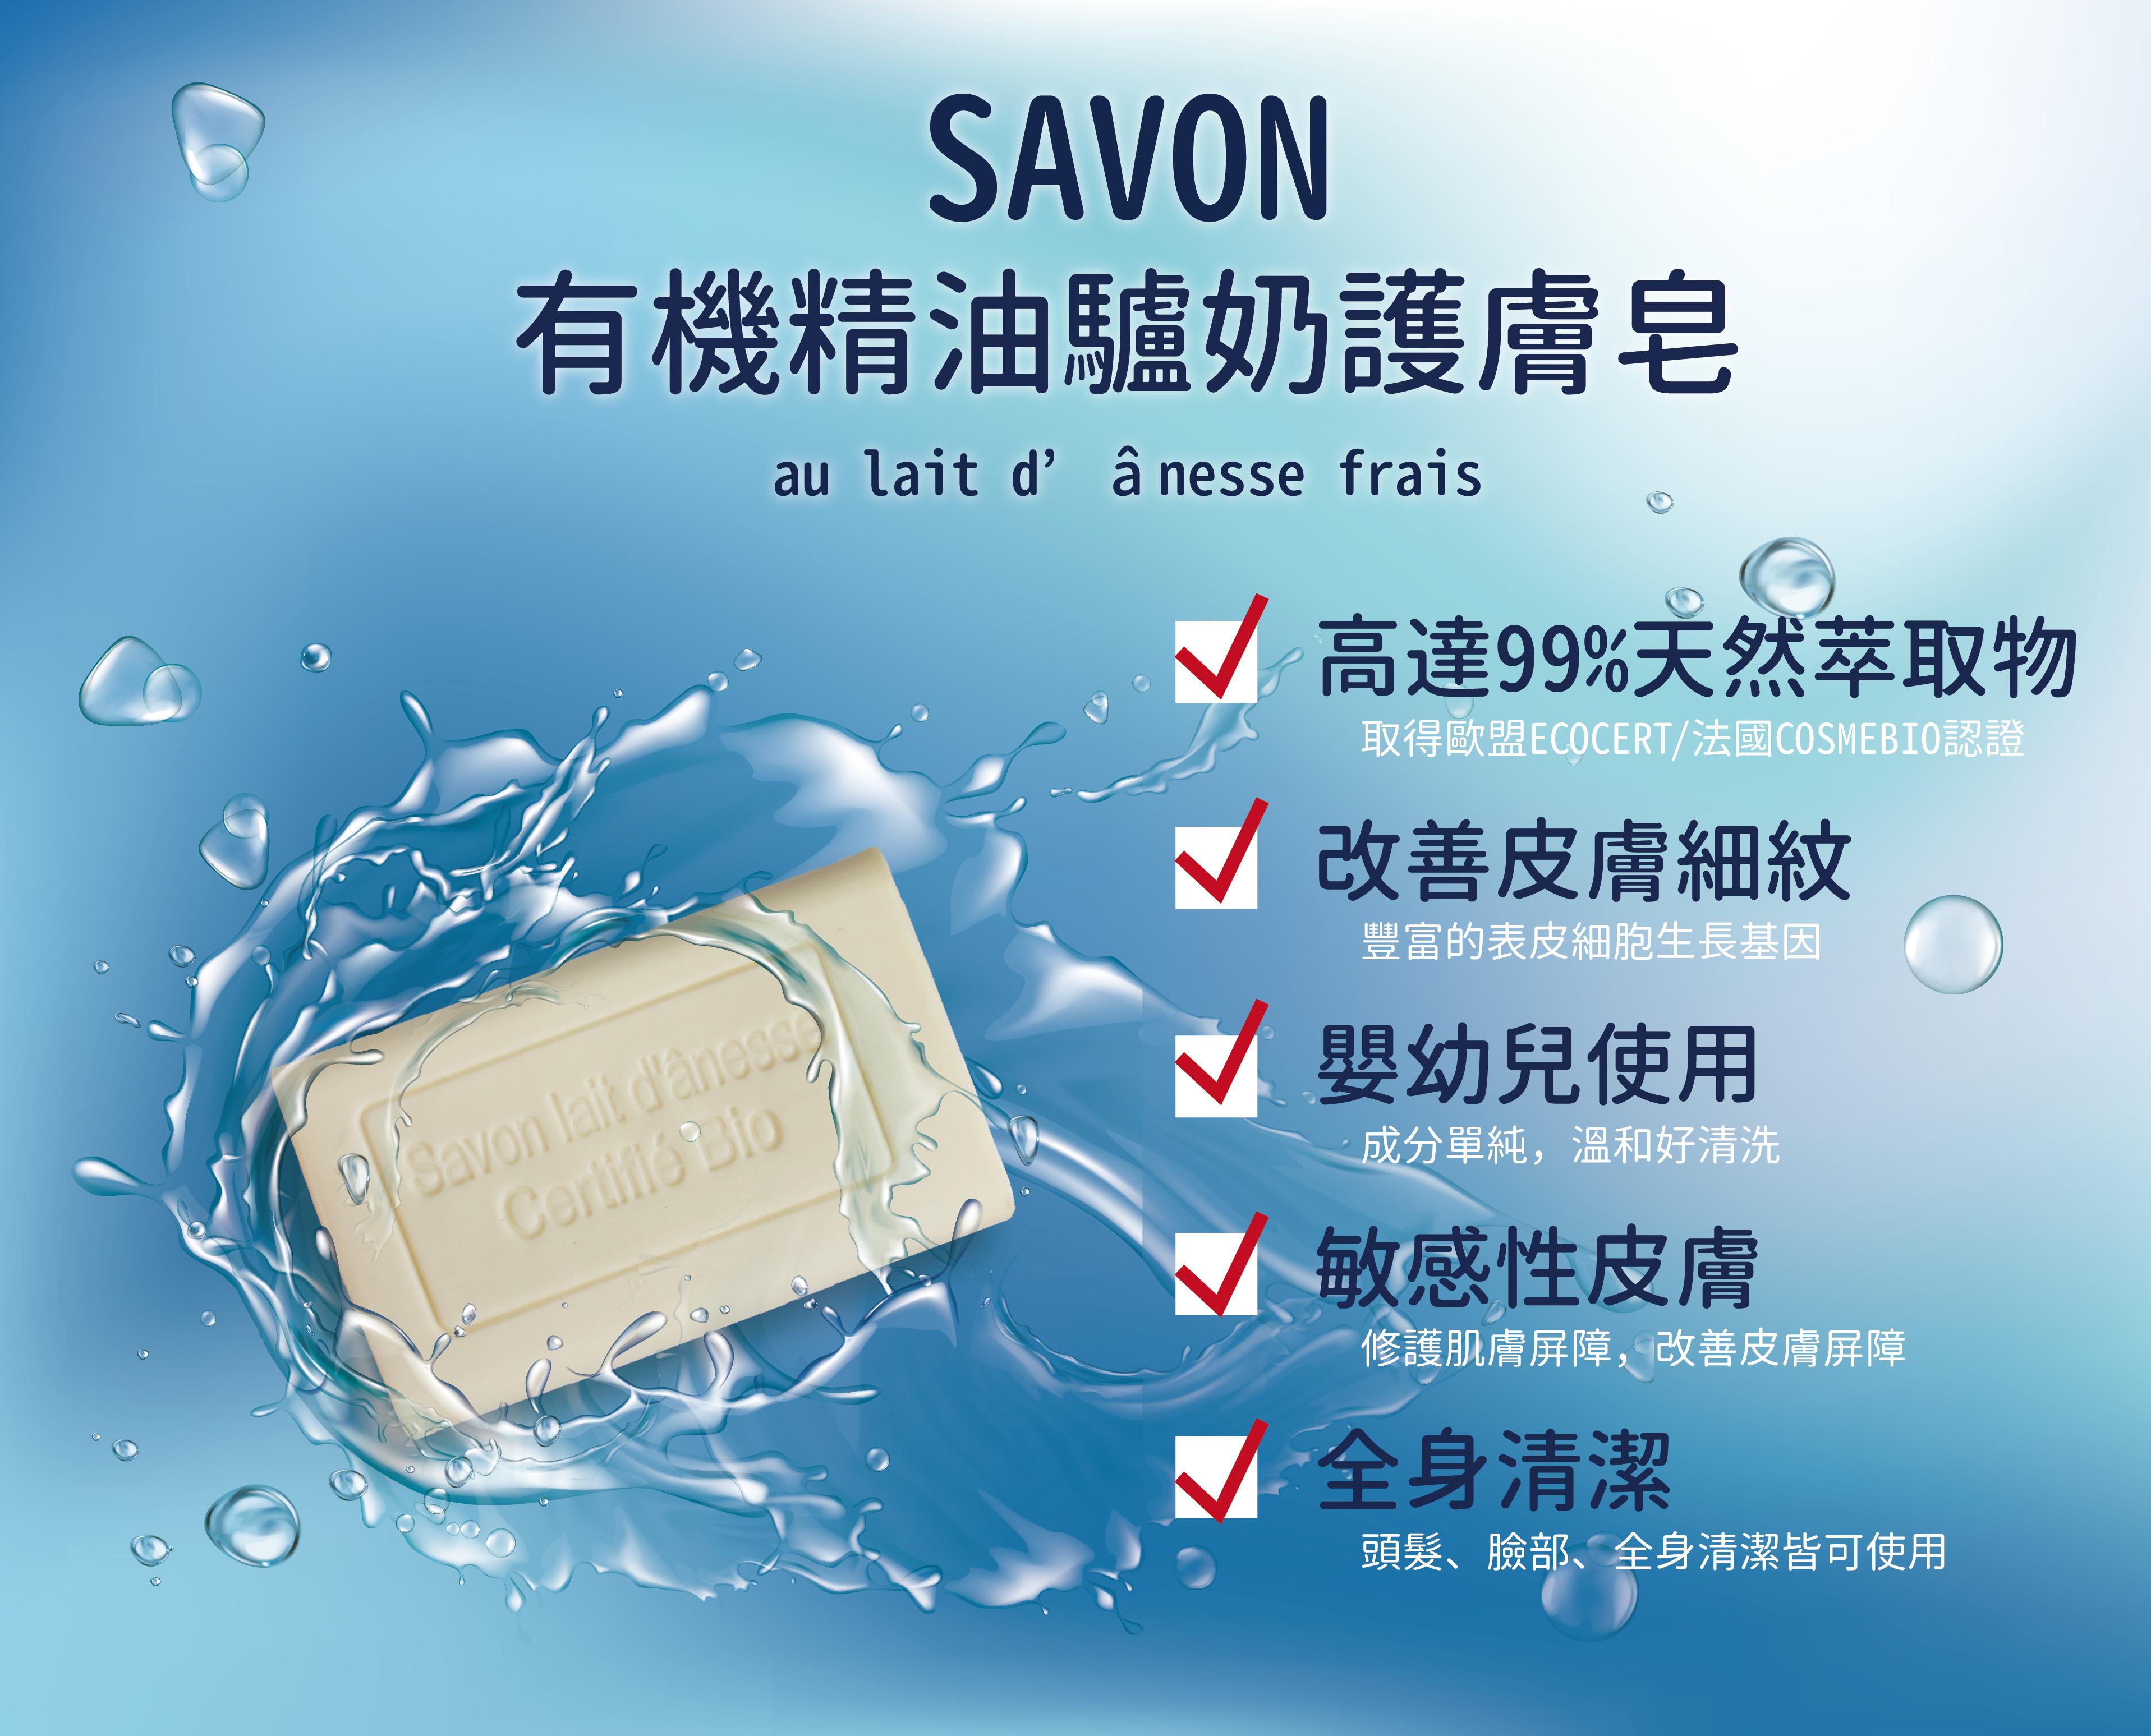 驢奶皂,有機精油驢奶皂,精油,有機精油,嬰幼兒,敏感性皮膚